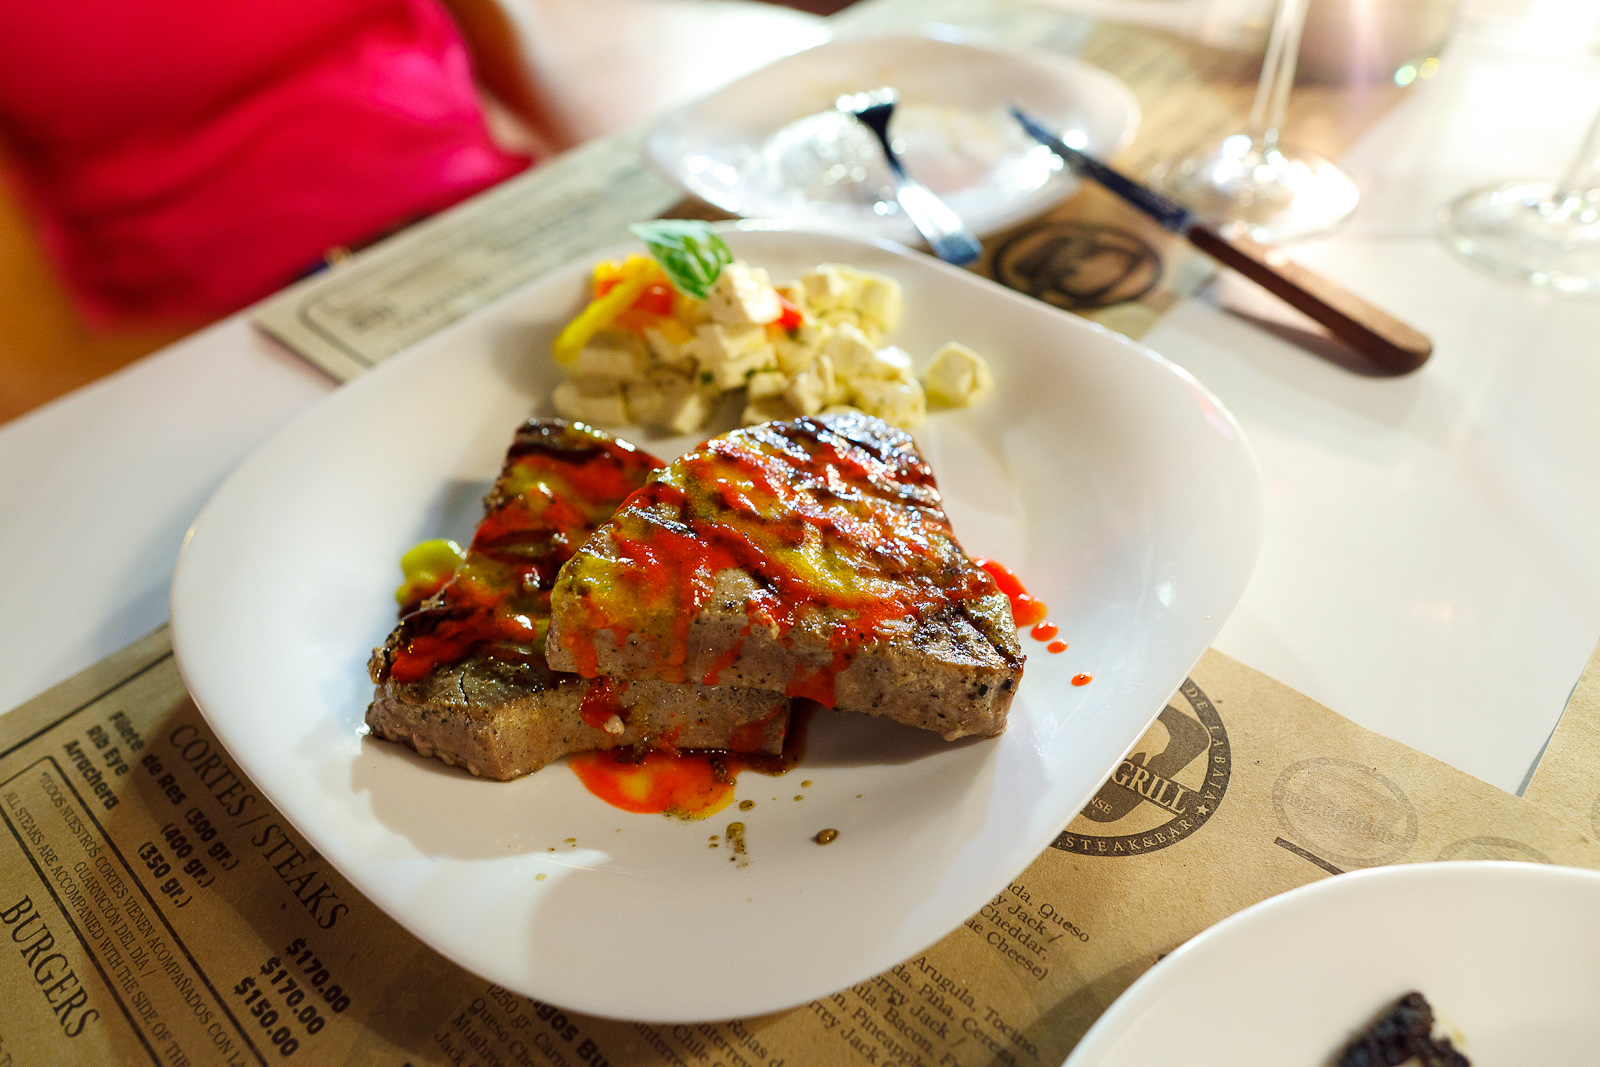 Bistec de atún a la parilla con queso fresco (Grilled tuna filet) (MXP $150)